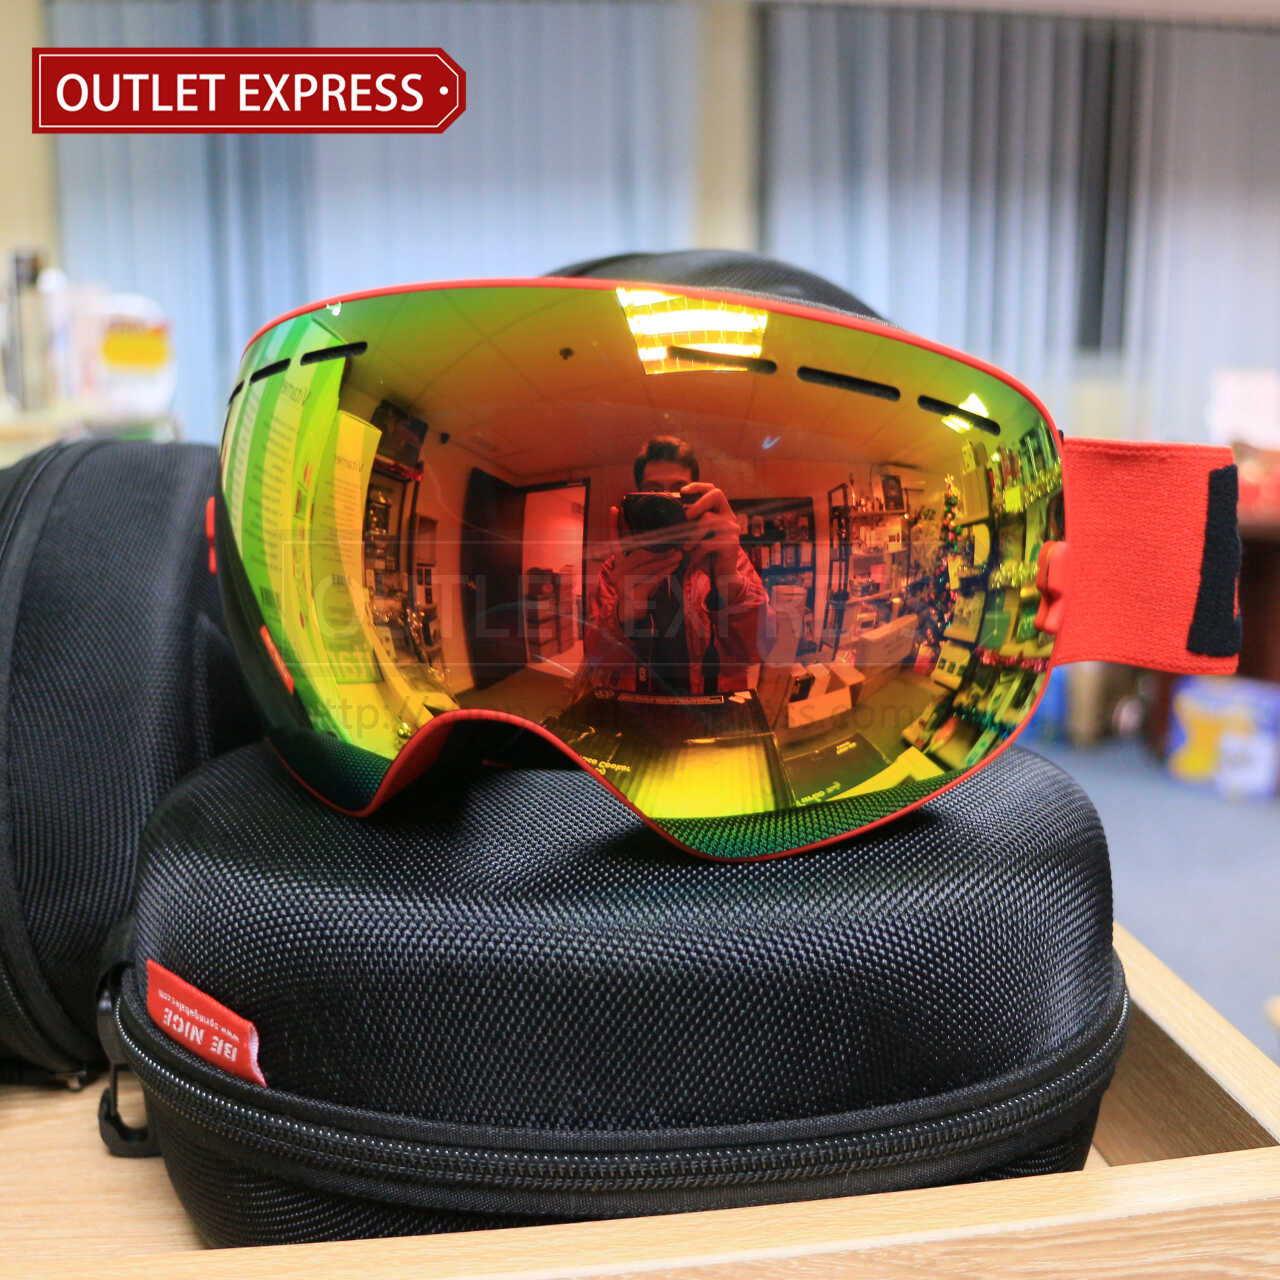 BENICE 大球面雙層防霧滑雪鏡 | 可配合眼鏡用 紅色-Outlet Express HK生活百貨城實拍相片